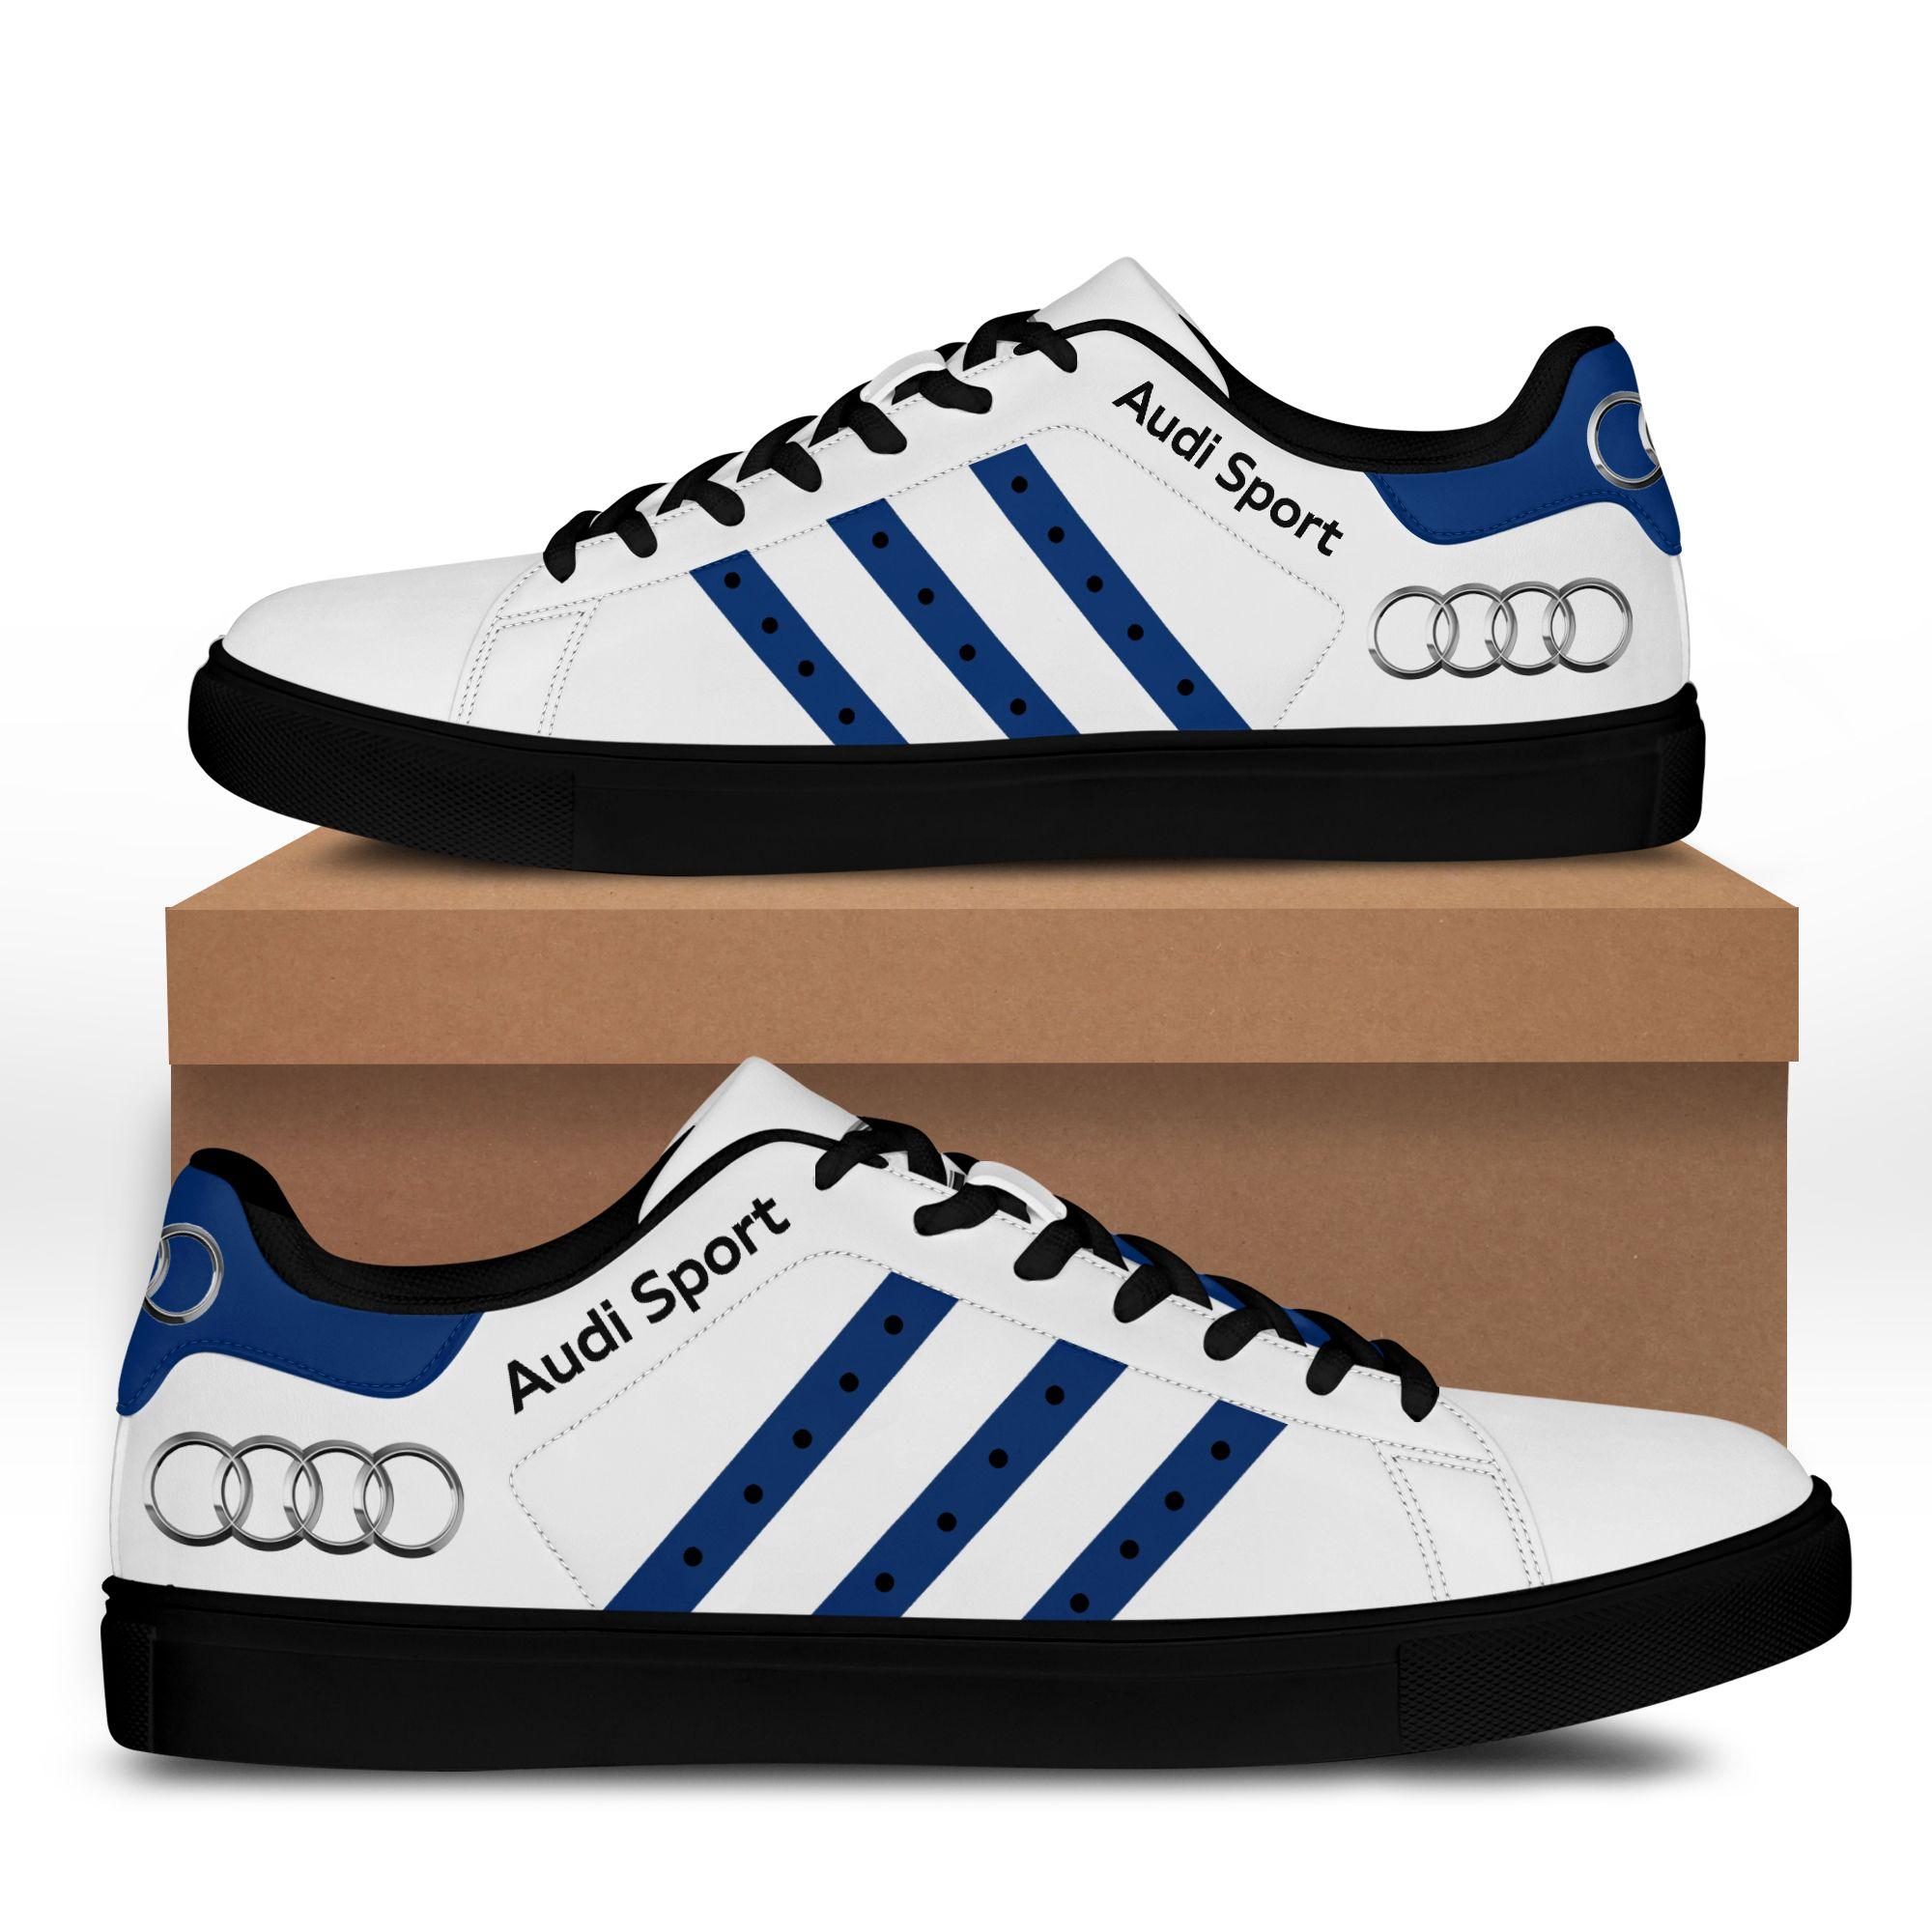 Audi Sport Premium blue Smith Shoes